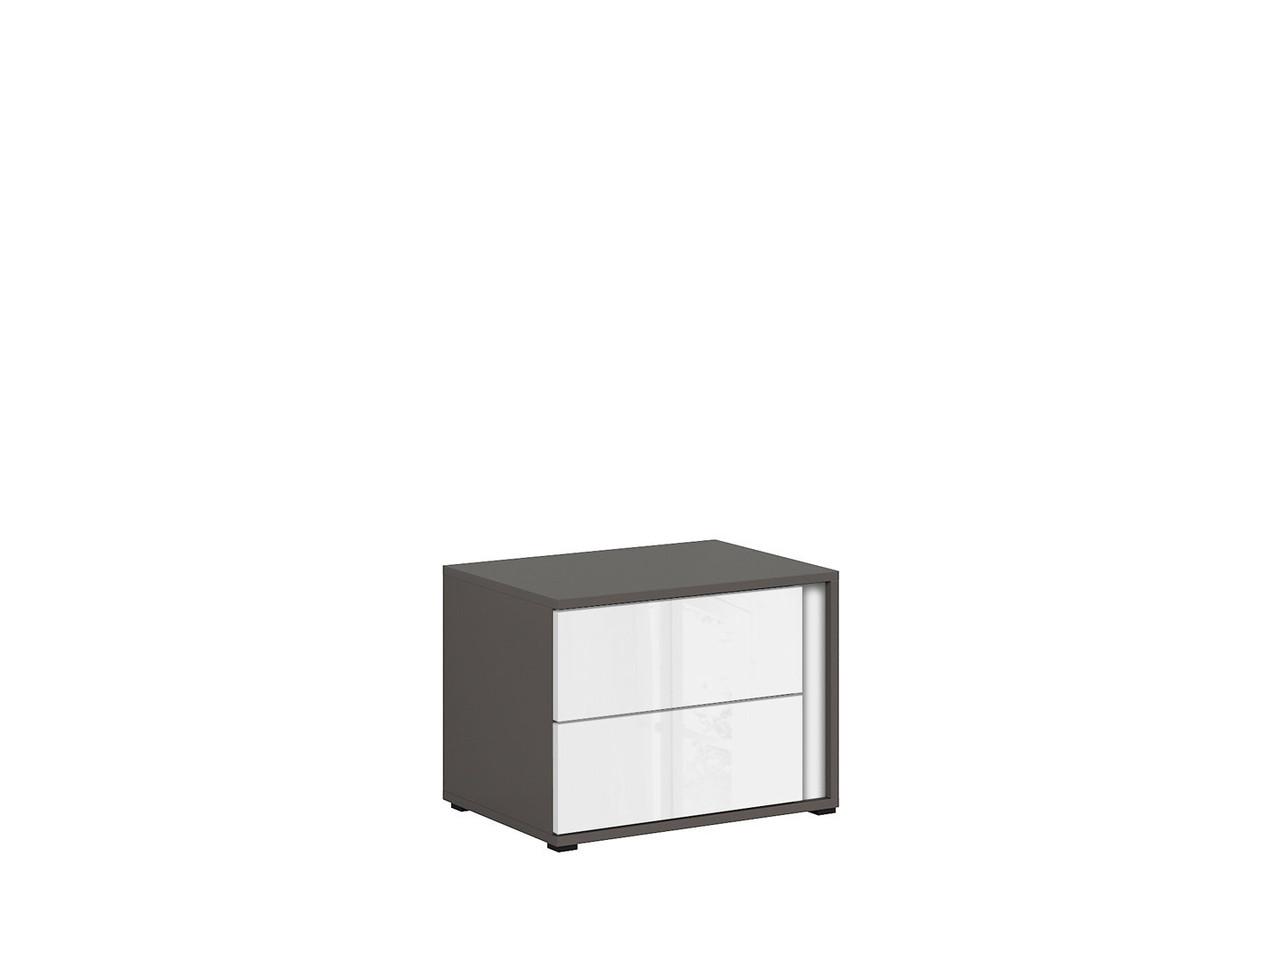 Тумба прикроватная левая KOM2SL Graphic BRW серый вольфрам/белый глянец